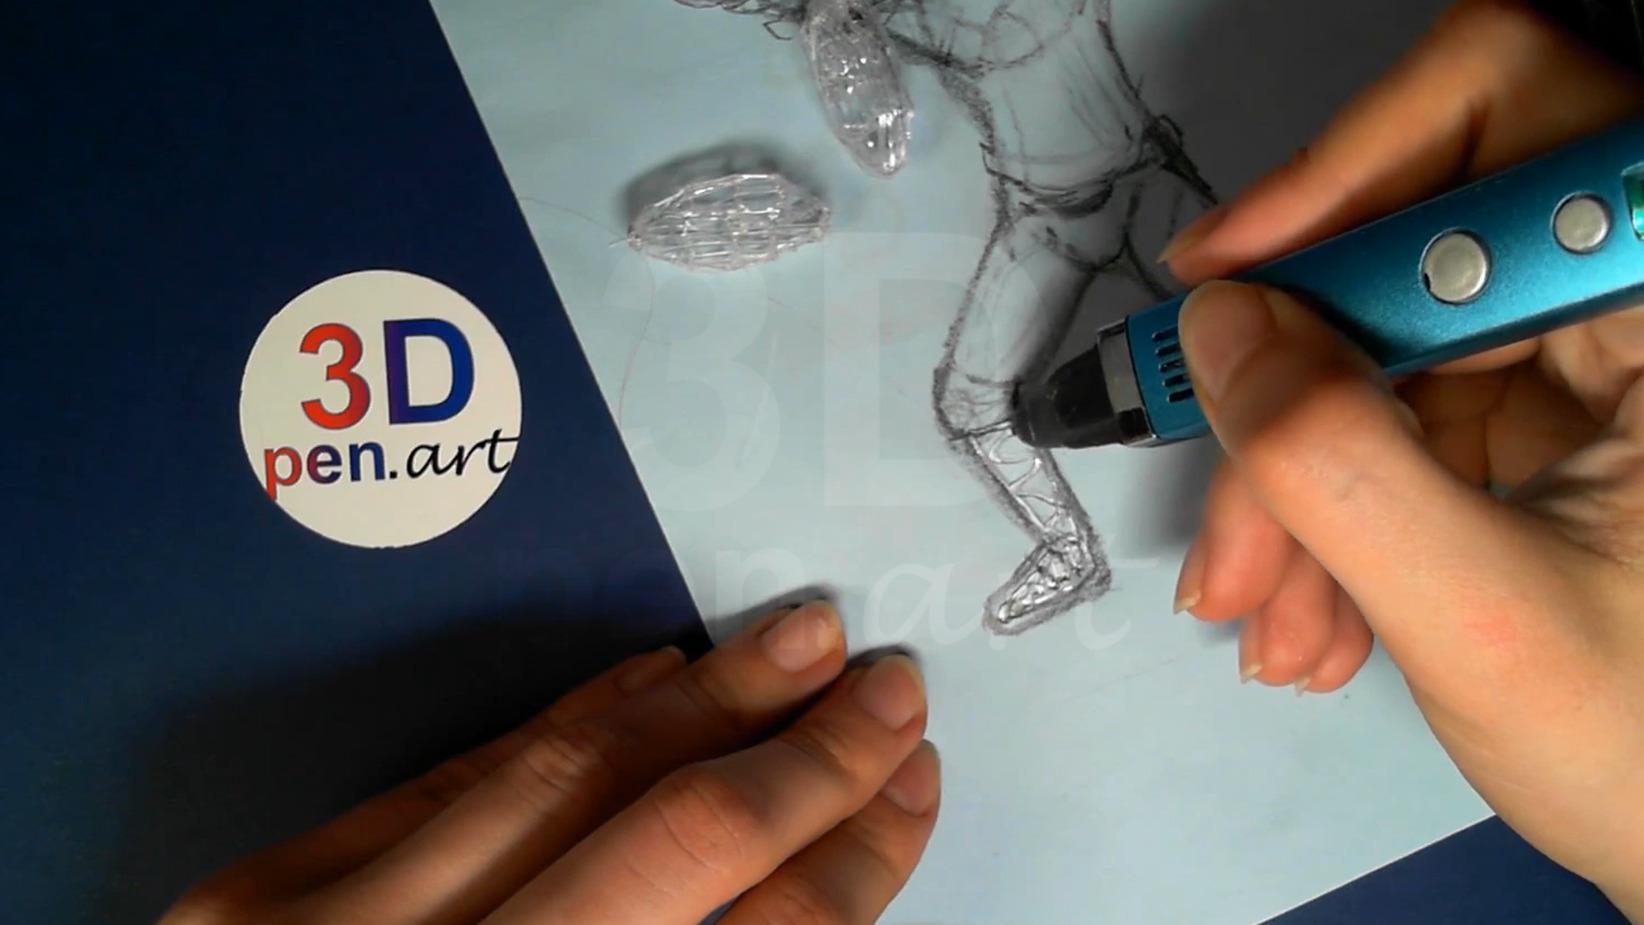 Ведьмак 3D ручкой. Основание голени и стопы